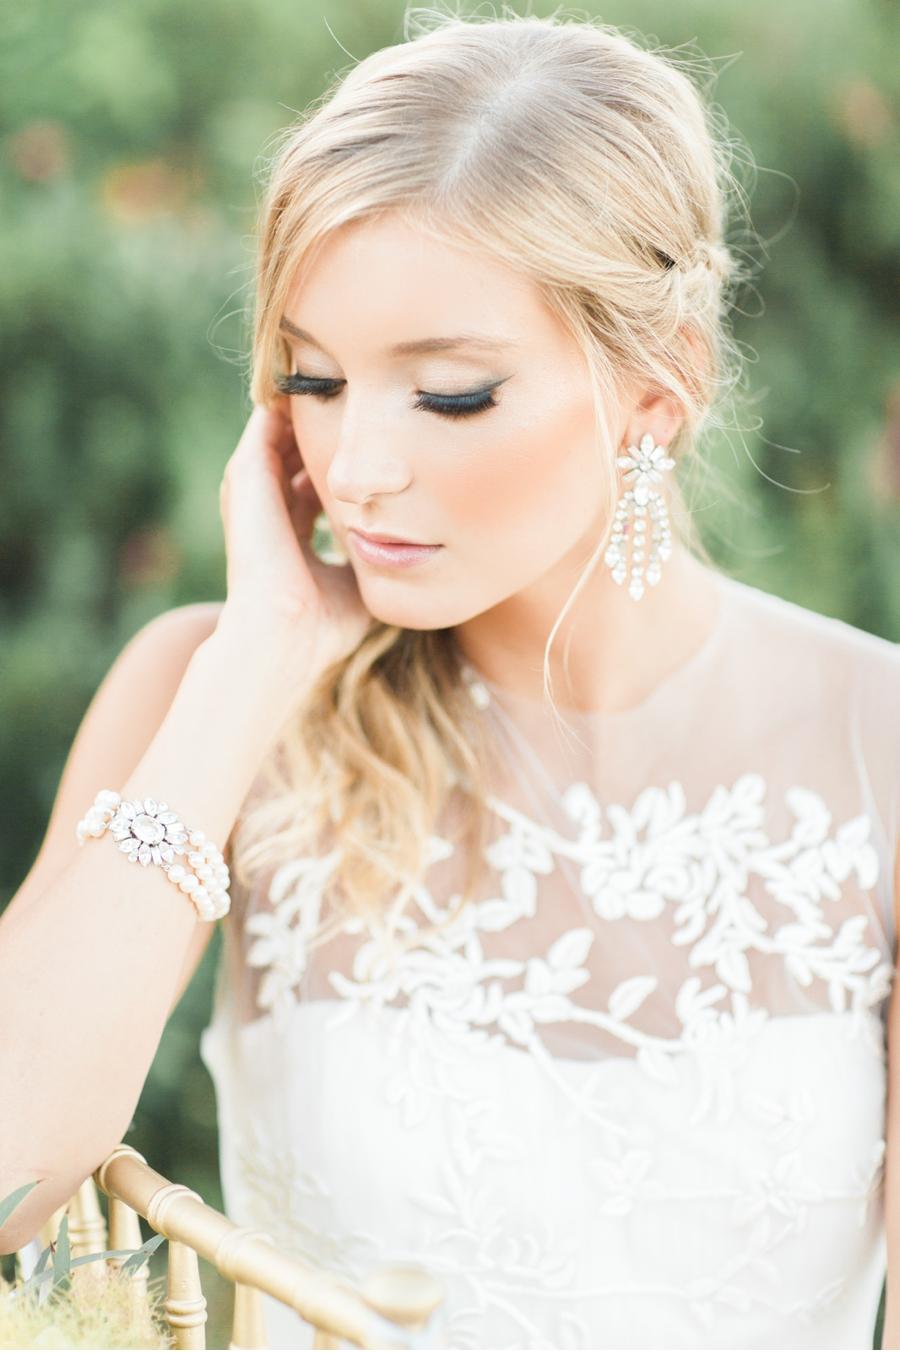 Jasmine-Hoffman-Vancouver-Makeup-Artist